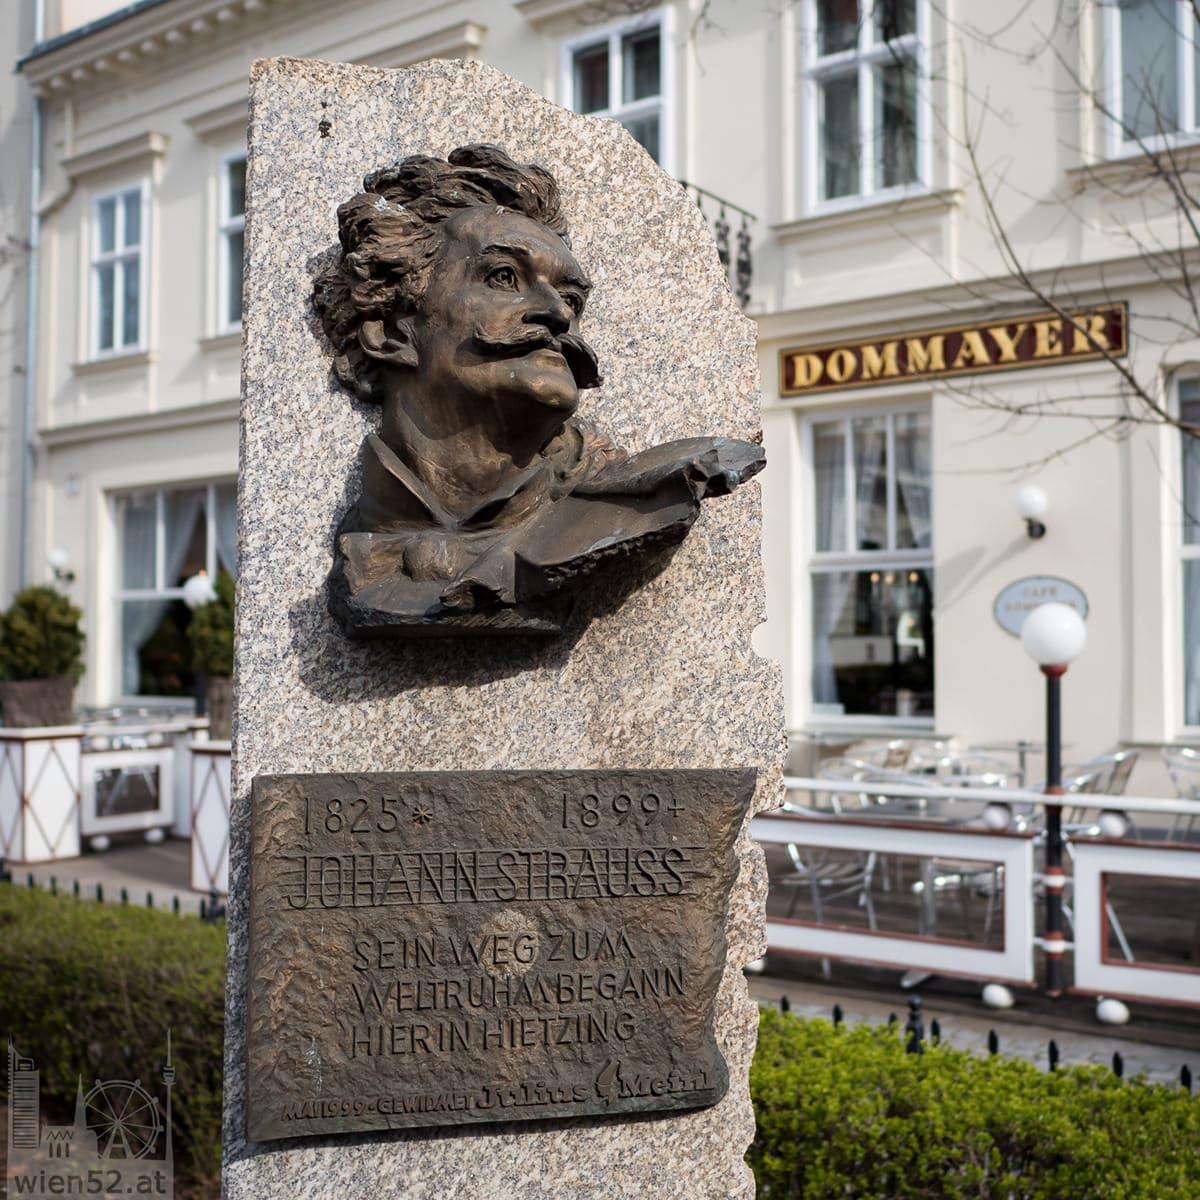 Johann Strauss (Sohn) Gedenkstein vor dem Cafe Dommayer